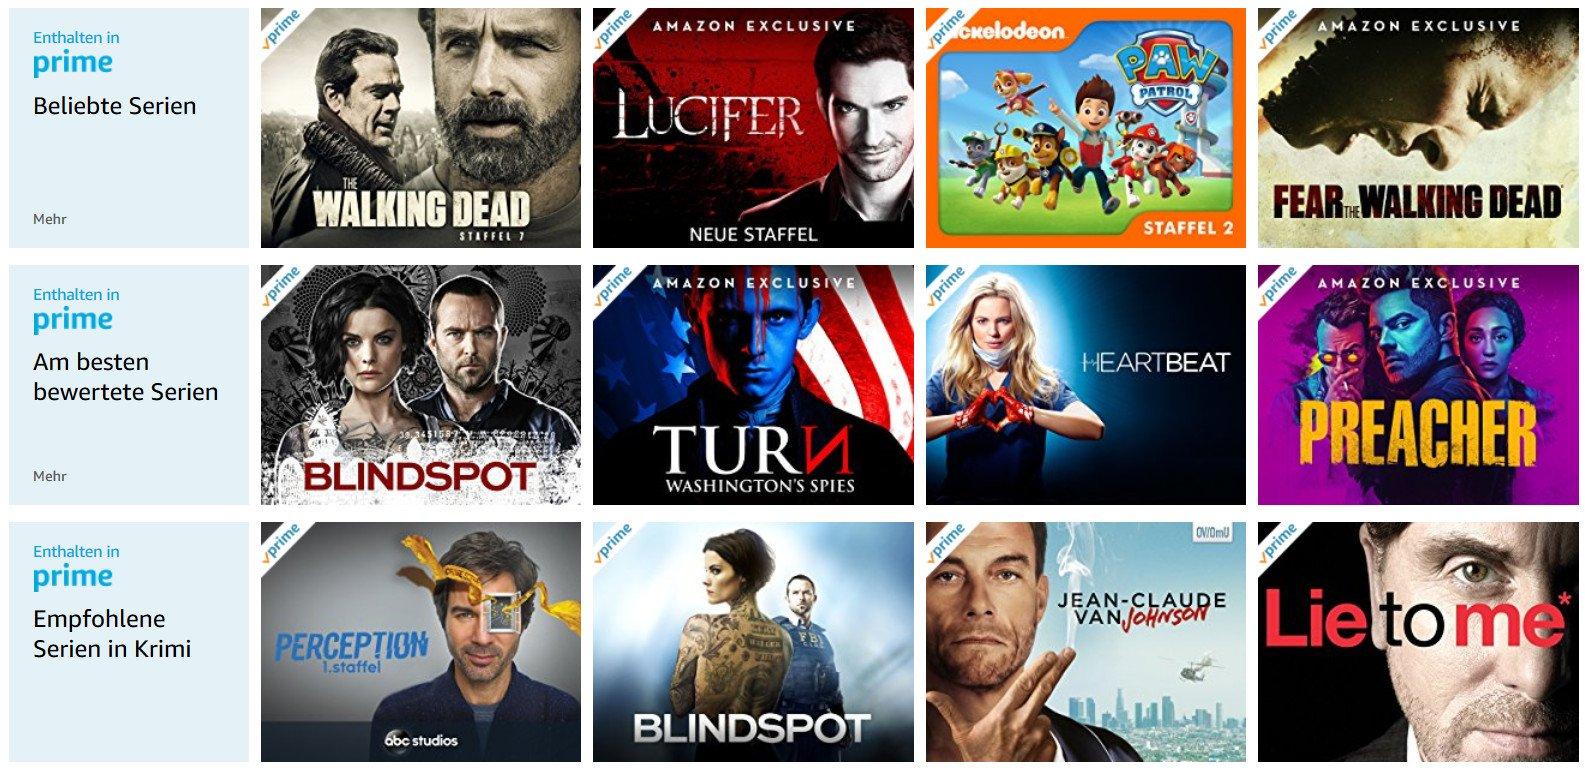 Amazon Prime Video bietet ein großes Angebot an Serien und Filmen (Screenshot von amazon.de)